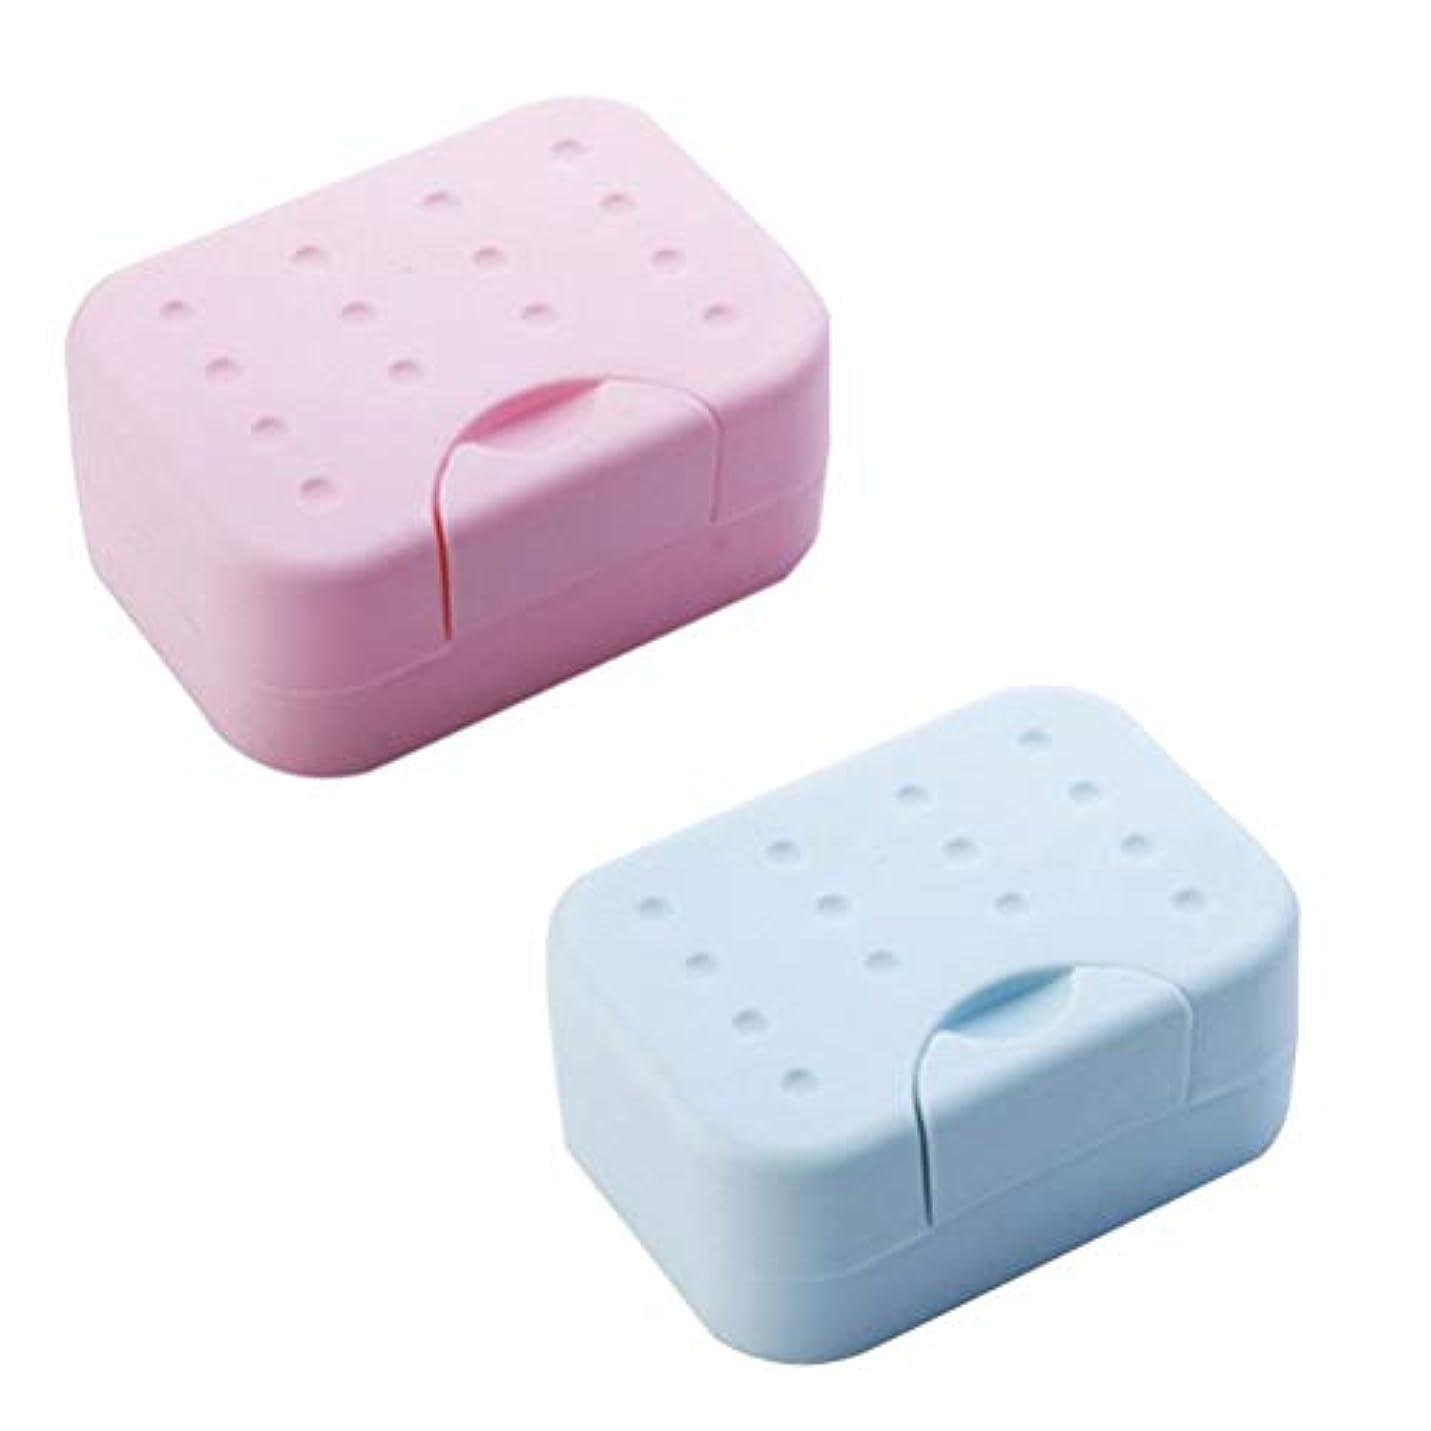 永久にプレゼン急速なHealifty 2PC石鹸容器旅行石鹸ボックス石けんケース耐久性プラスチック防水飲料水スポンジ石鹸キャビネットのための食器ホルダーホームバスルーム(赤と青)